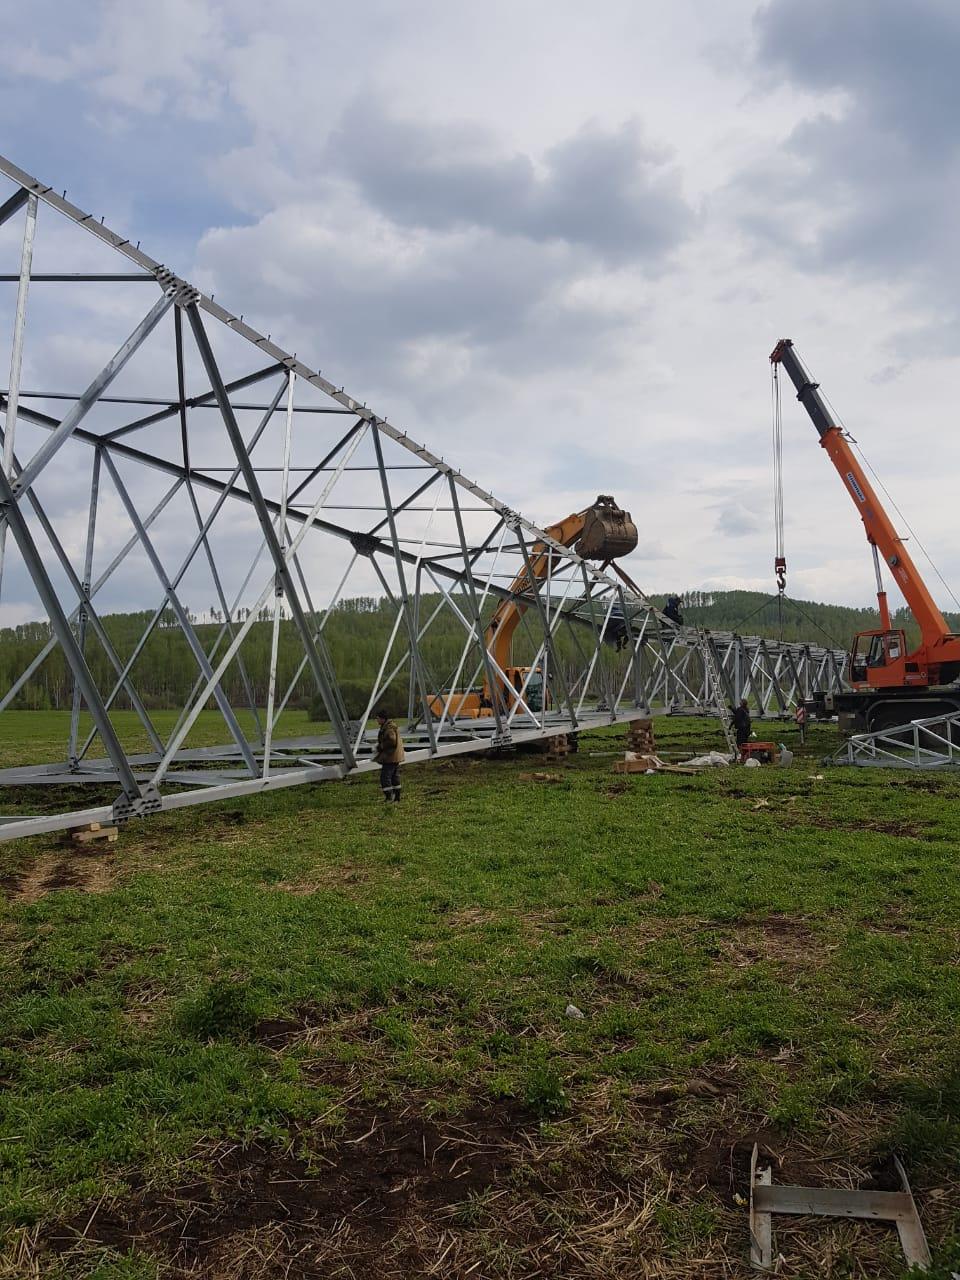 ООО «Энергокомплект» приступило к поставке провода и линейной арматуры для строительства ЛЭП 220 кВ в Красноярском крае